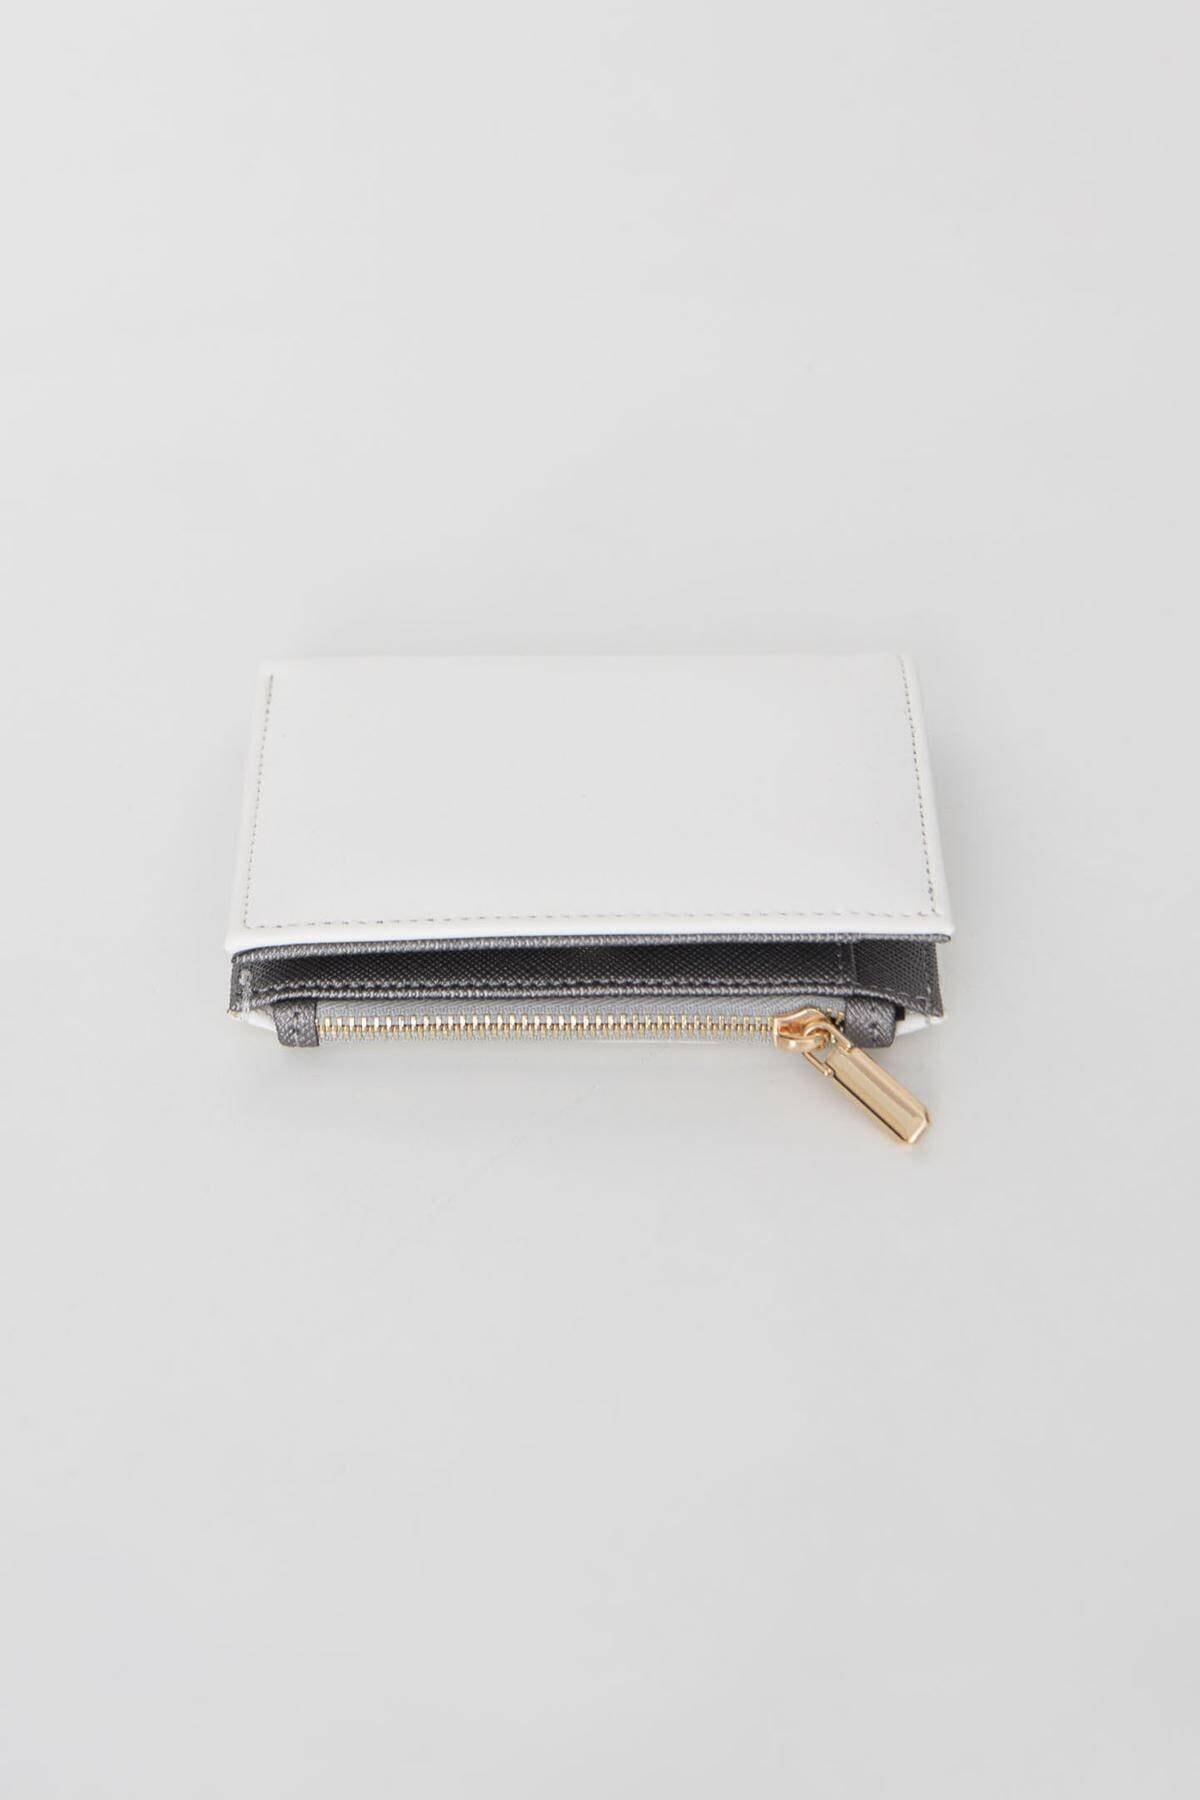 Addax Kadın Beyaz Cüzdan Czdn79 - F6 Adx-0000023259 3